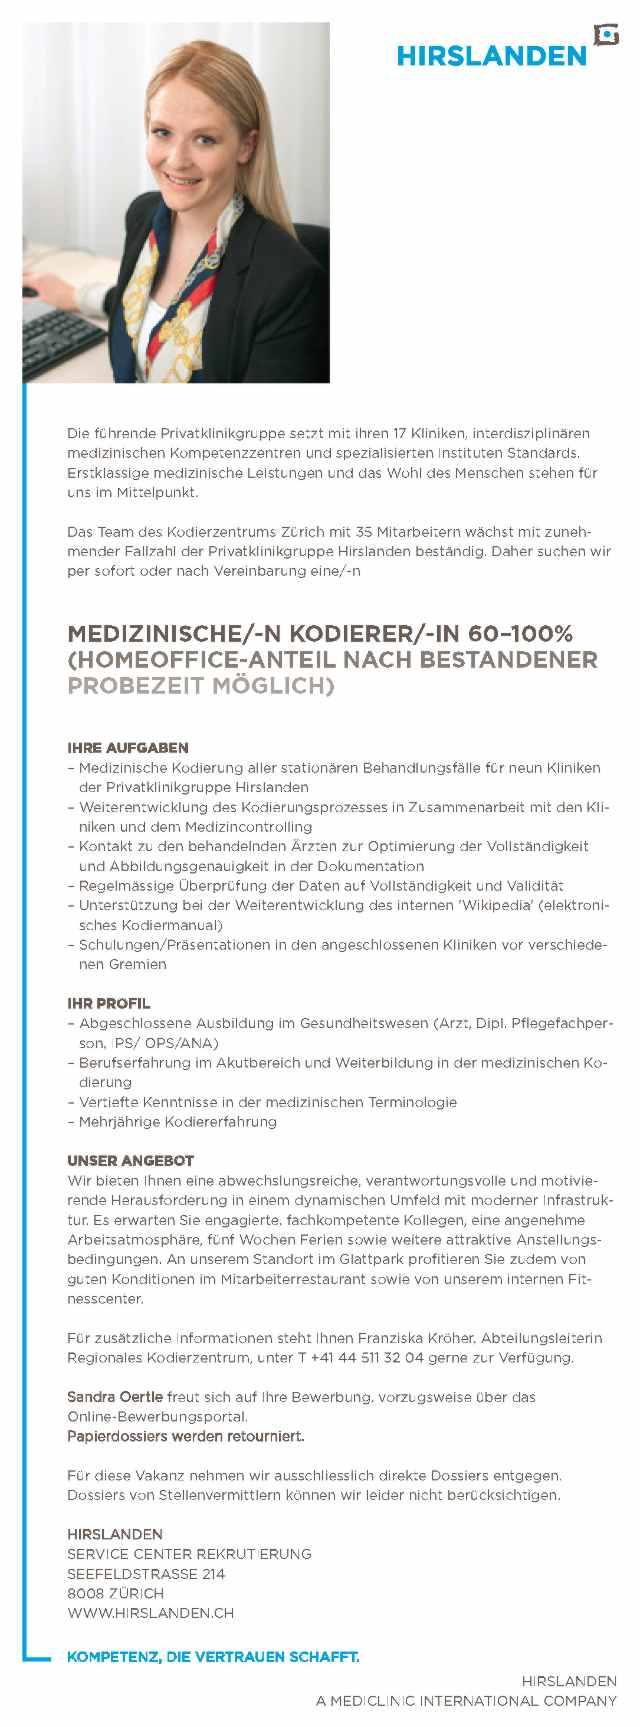 DRG Stellenmarkt 2018 Gesundheitswesen - Jobportal f. Arzt ...